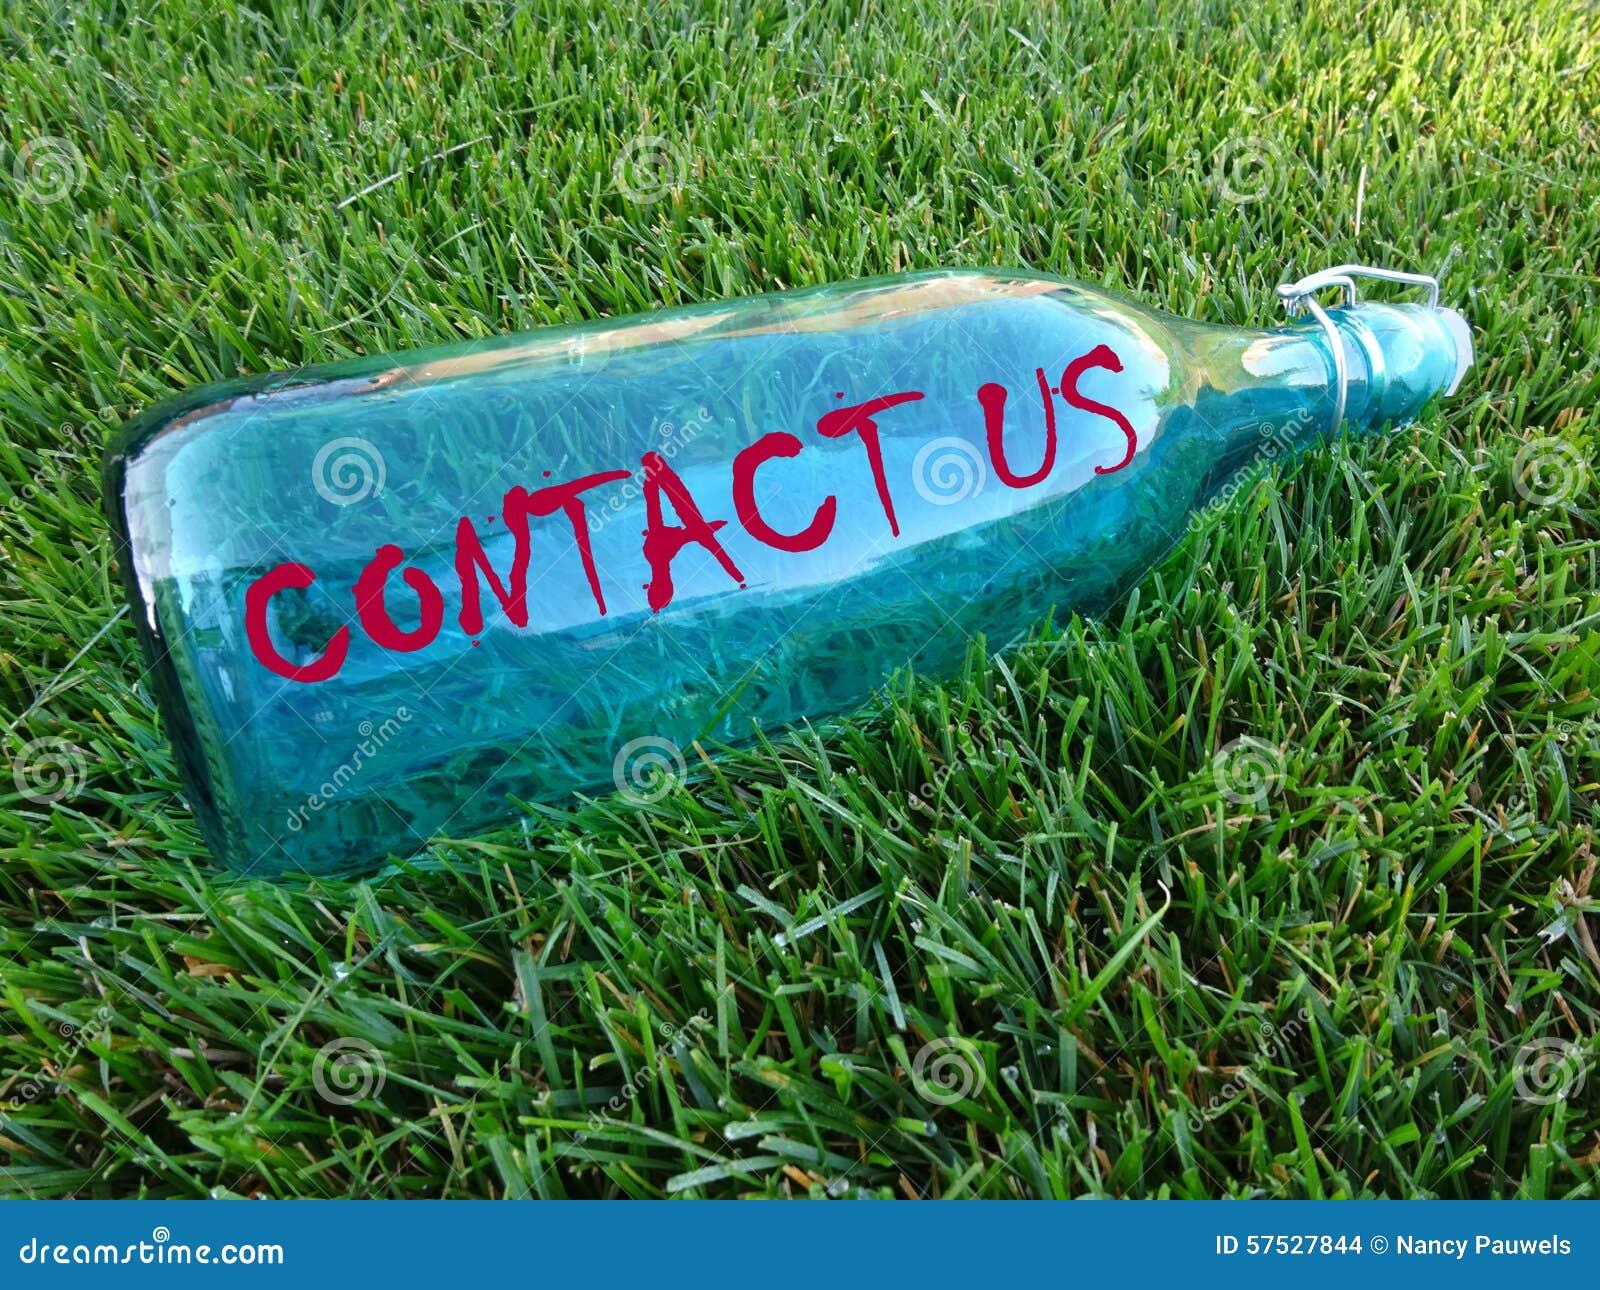 Μήνυμα σε ένα μπουκάλι - μας ελάτε σε επαφή με